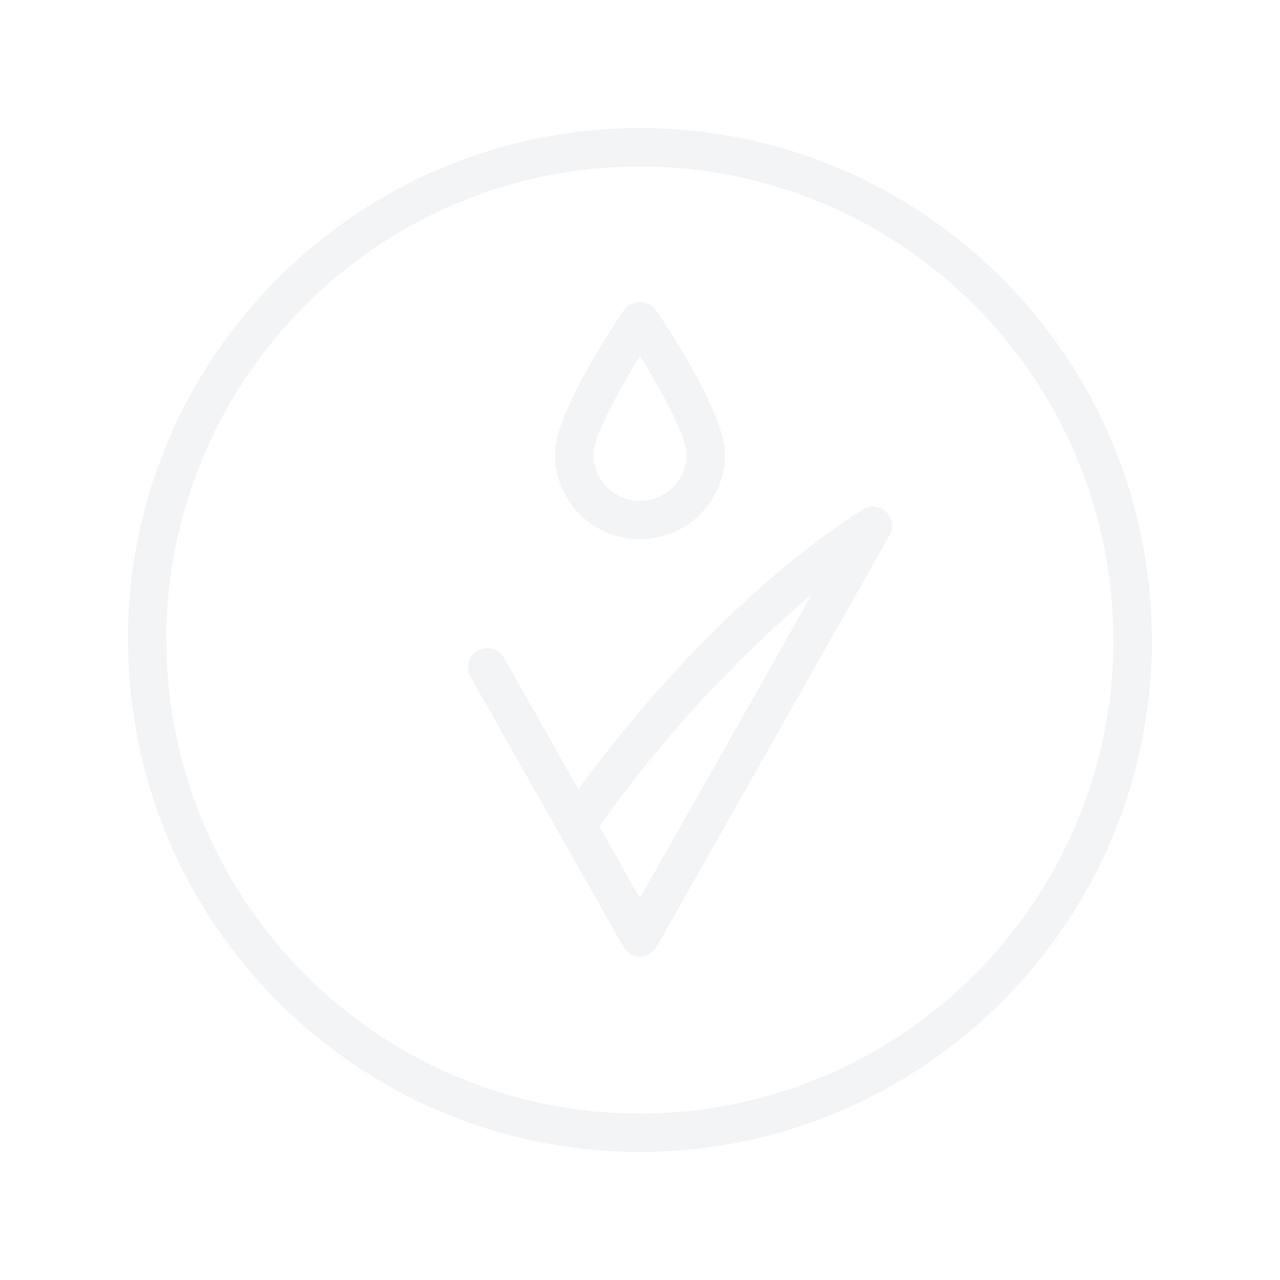 FILORGA Hydra-Filler Mask маска для интенсивного увлажнения 23g